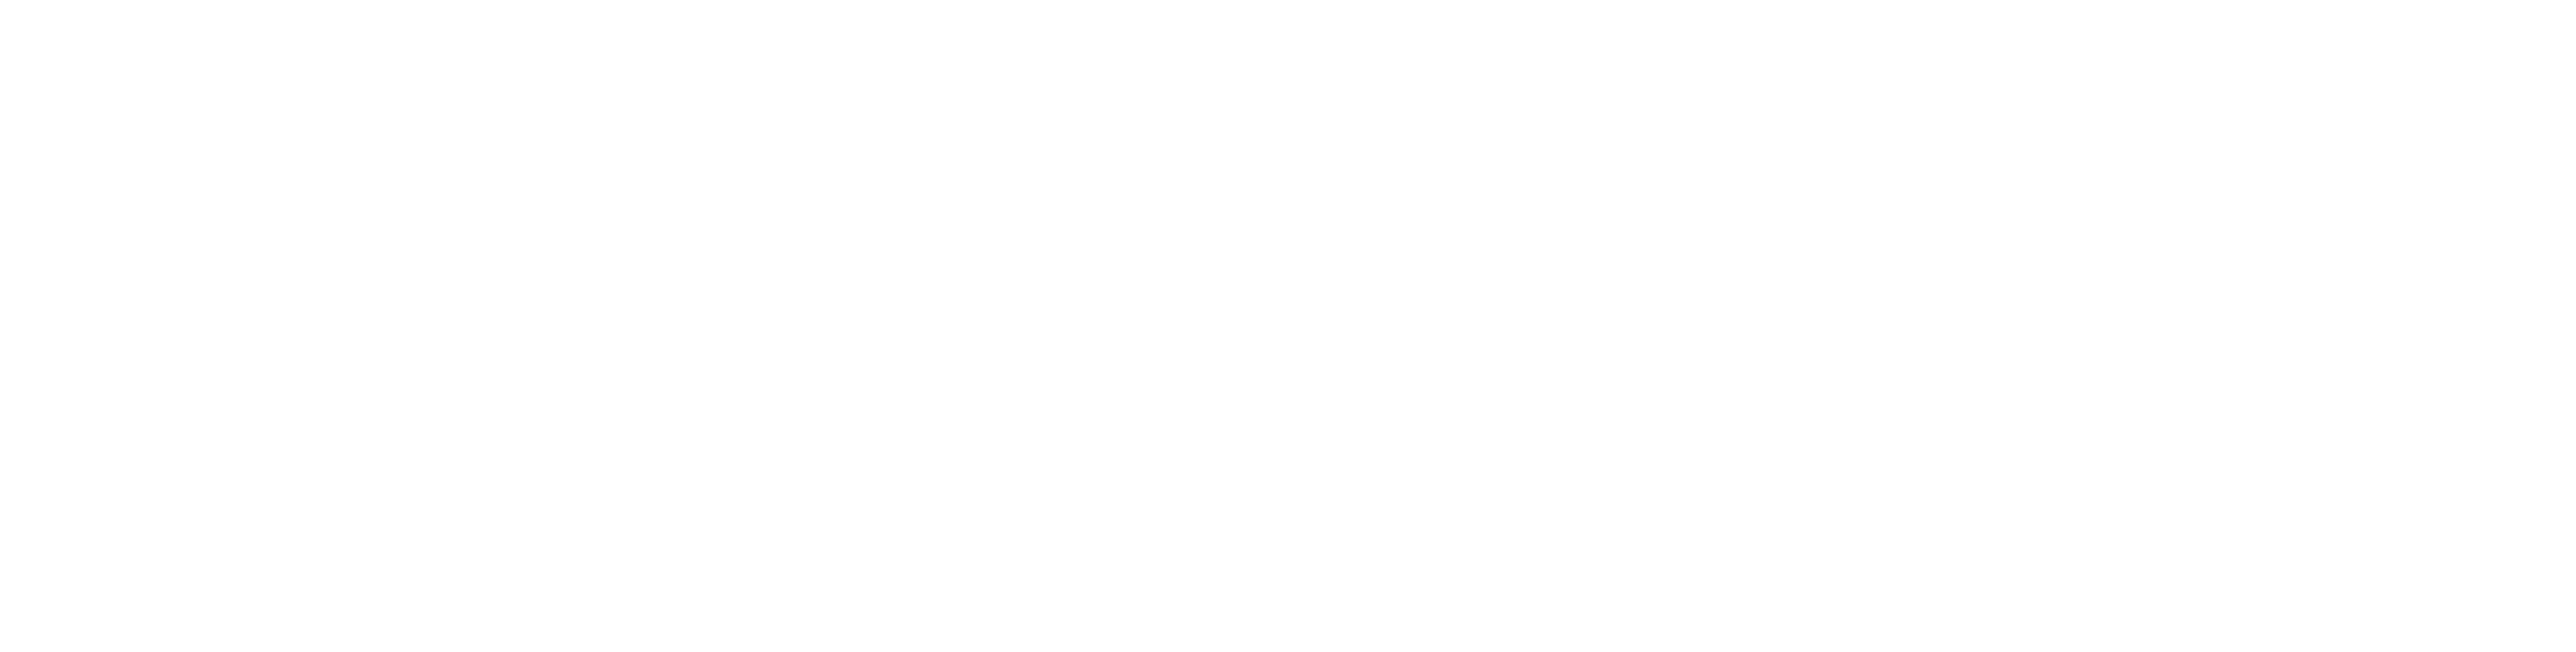 Solo ID